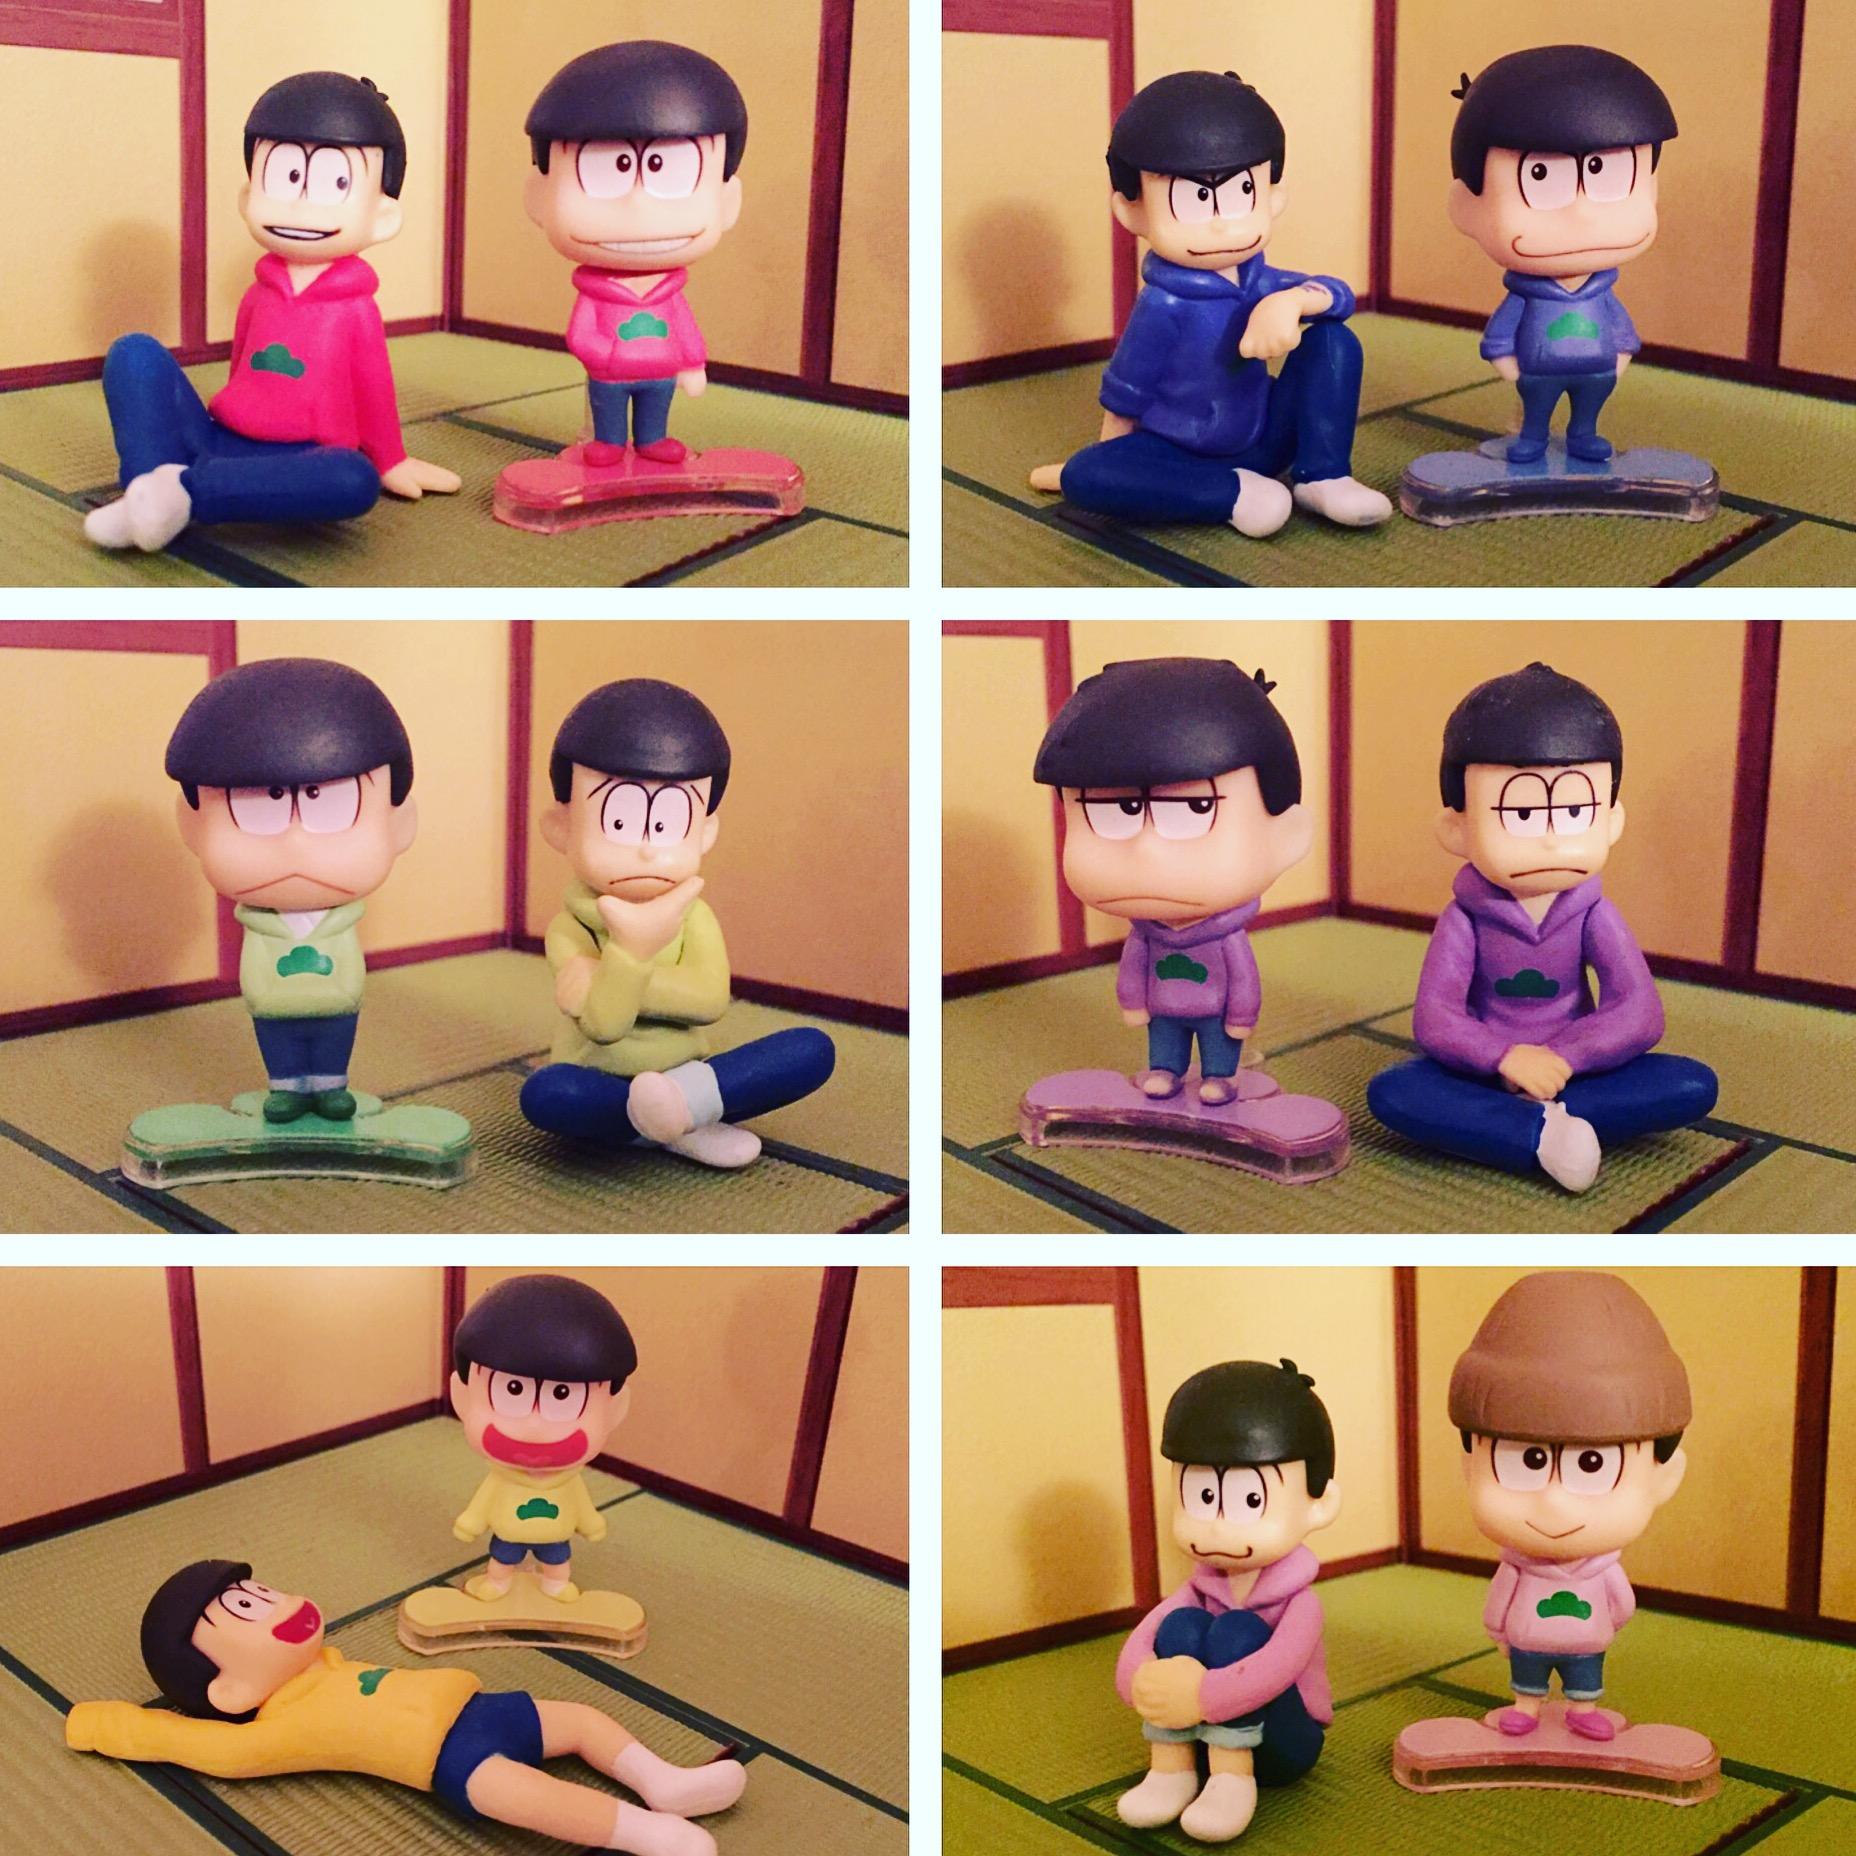 megahouse re-ment nendoron shichibee pose_skeleton orange_rouge osomatsu-san matsuno_todomatsu matsuno_ichimatsu matsuno_karamatsu matsuno_osomatsu matsuno_choromatsu akatsuka_fujio palmate__petit matsuno_jyushimatsu osomatsu-san_trading_figures palmate_petit_osomatsu-san_yappa_parka_wa_raku_dayo_na!